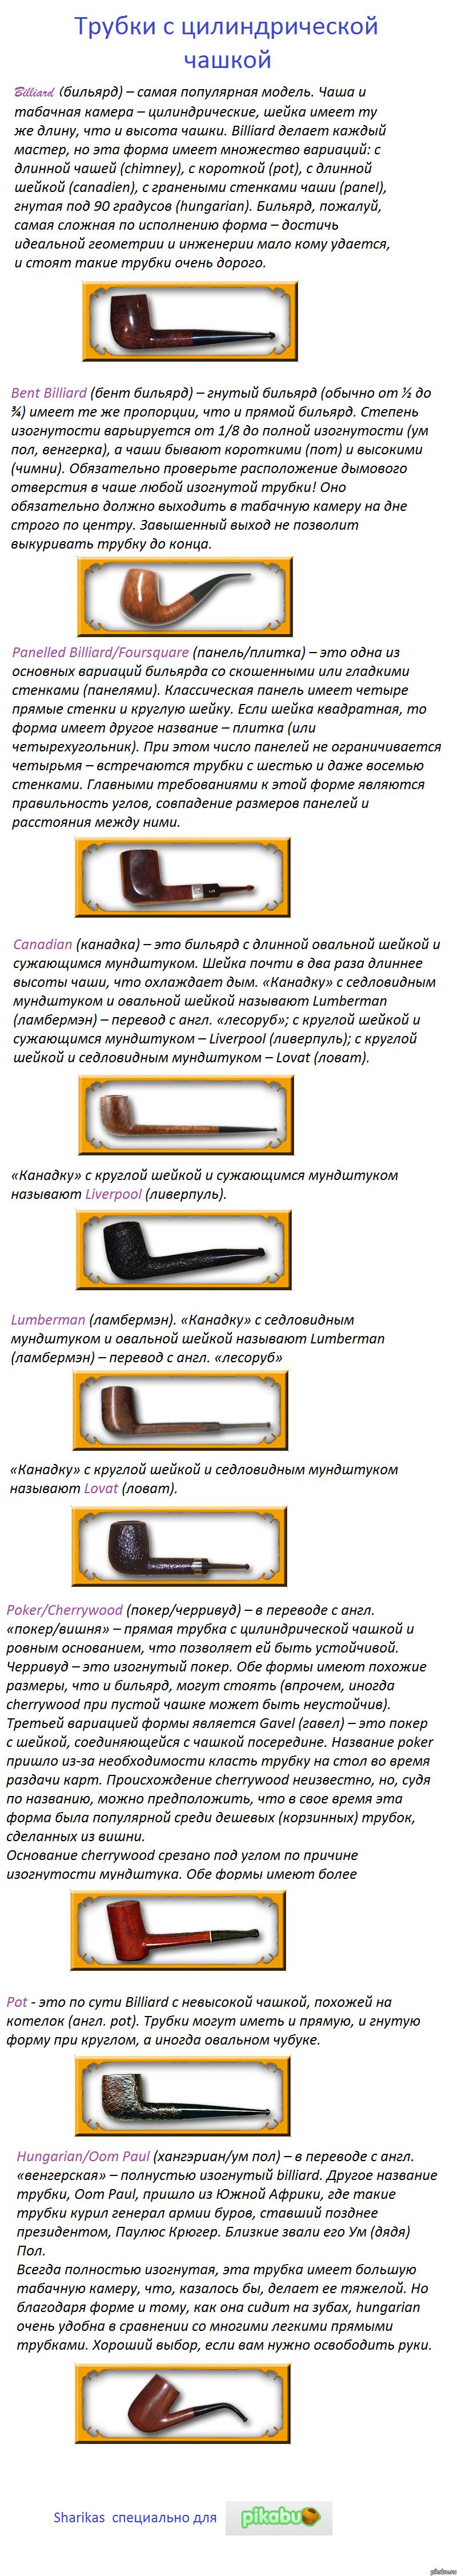 Формы курительных трубок. Часть вторая трубки с цилиндрической чашей